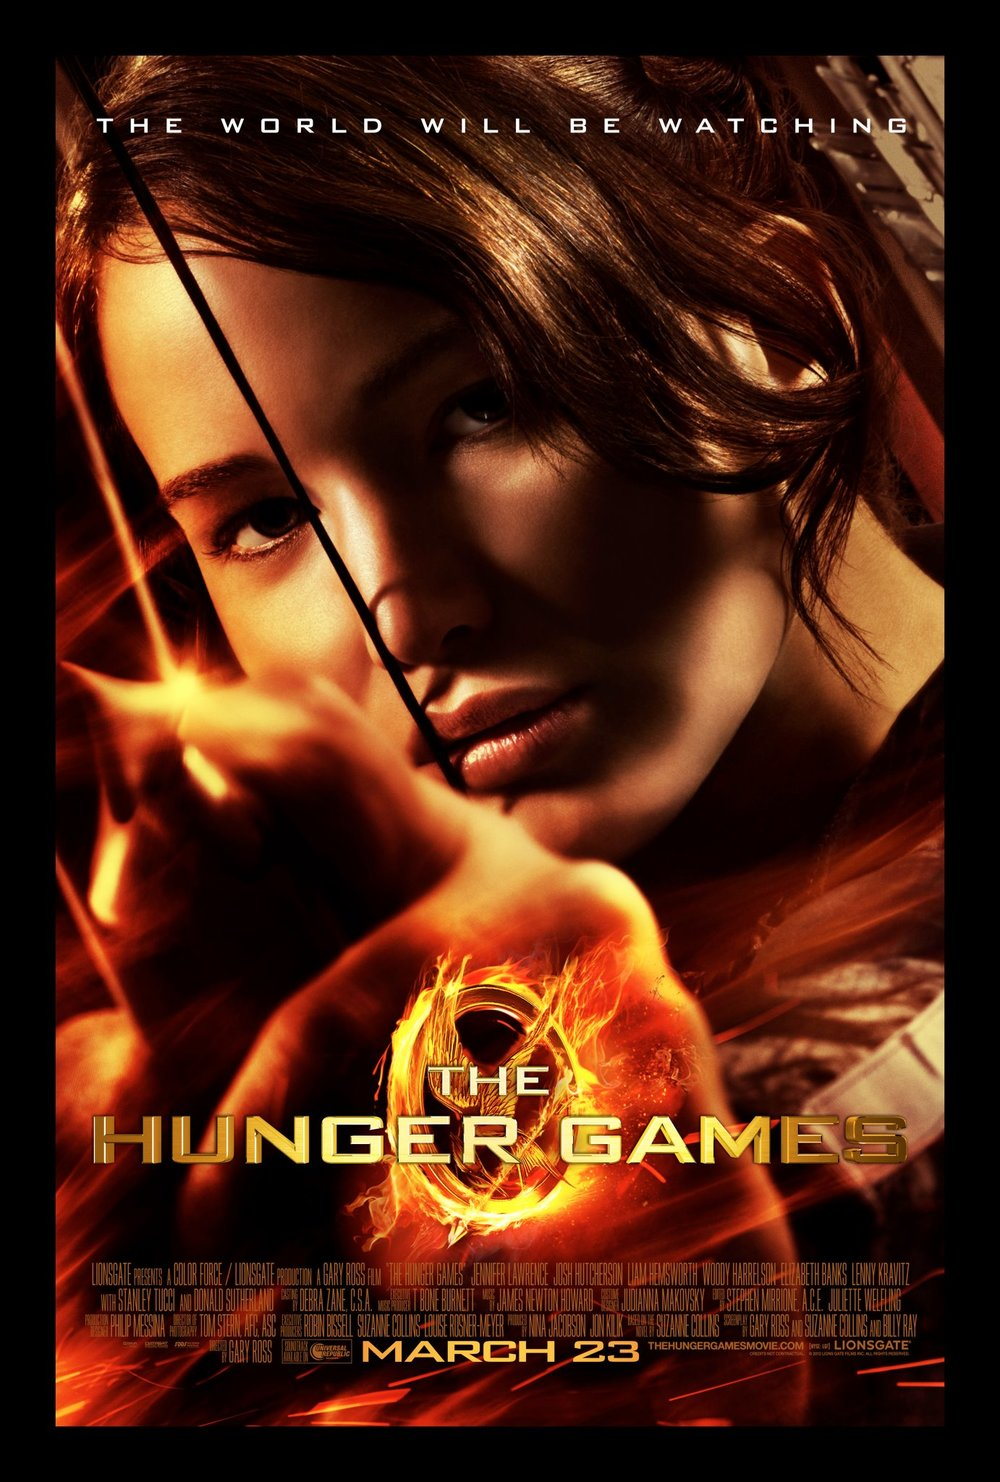 The-Hunger-Games-Poster.jpg